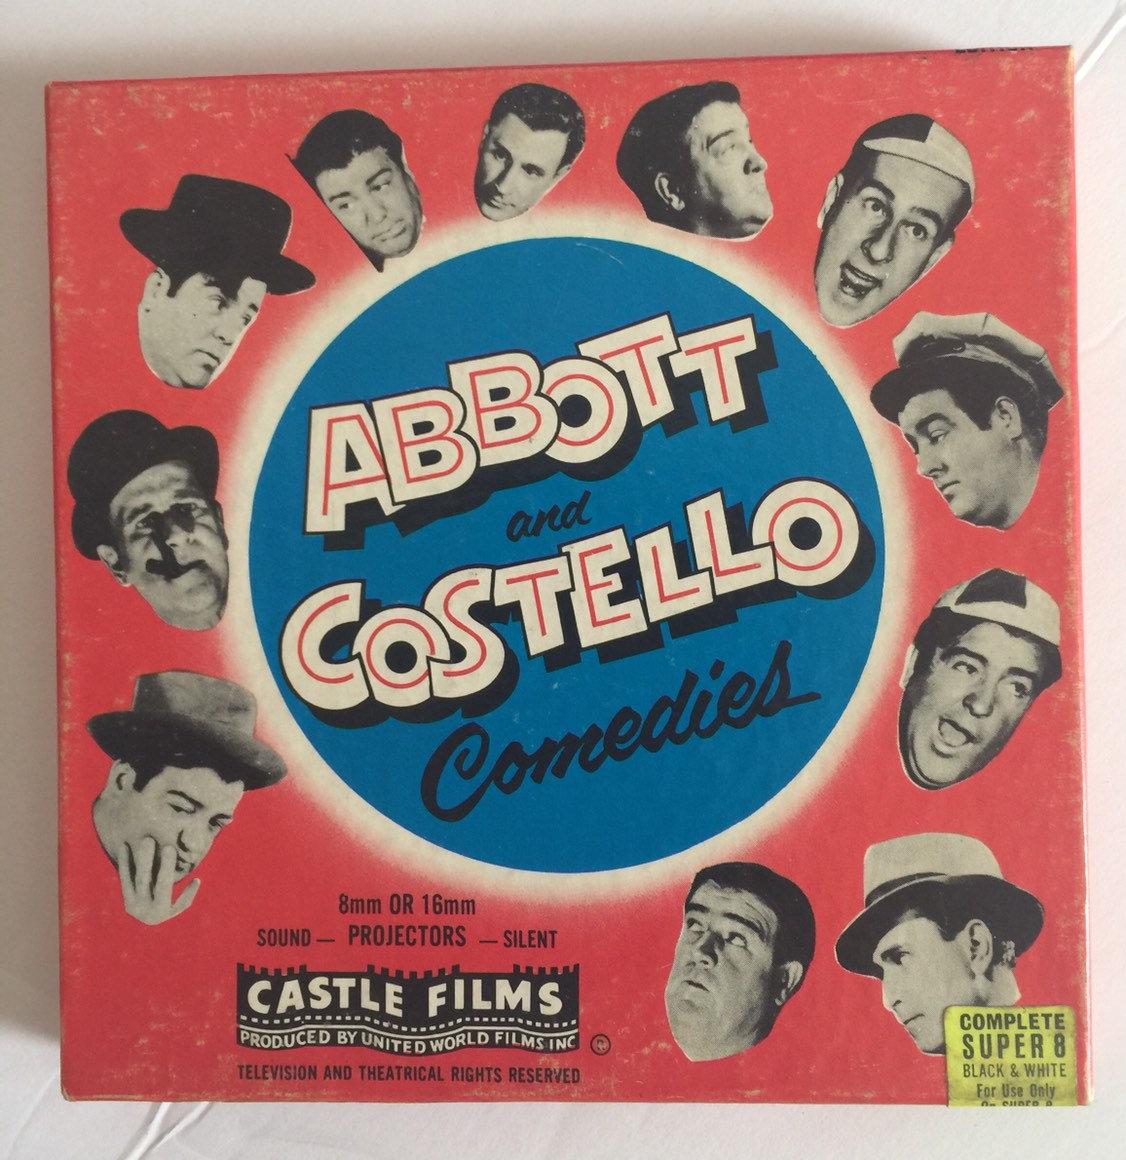 Super 8 Film Abbott Costello Comedy Castle Films Free